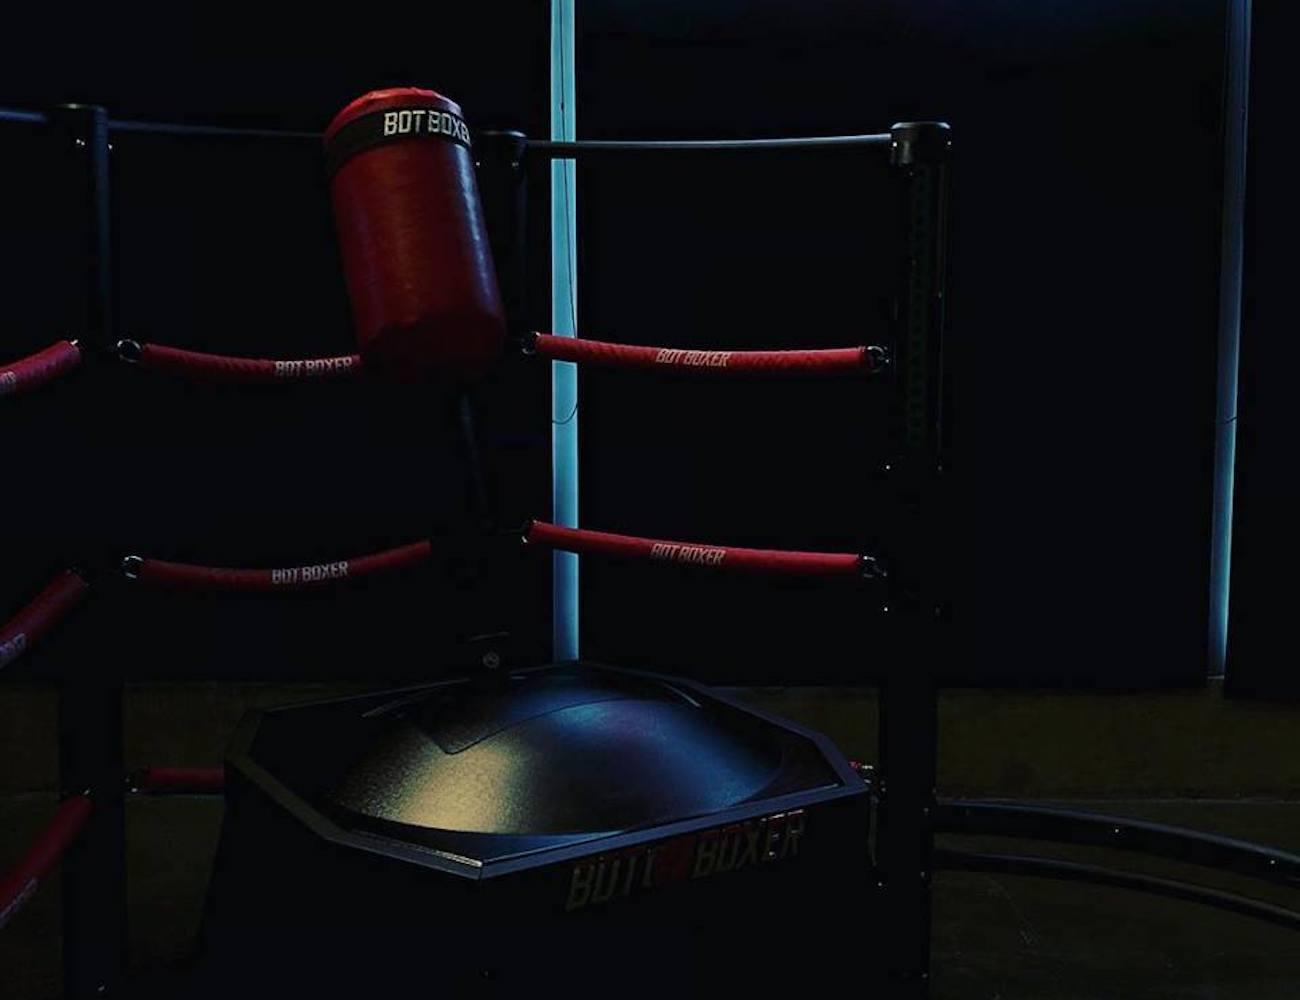 BotBoxer Robotic Punching Bag